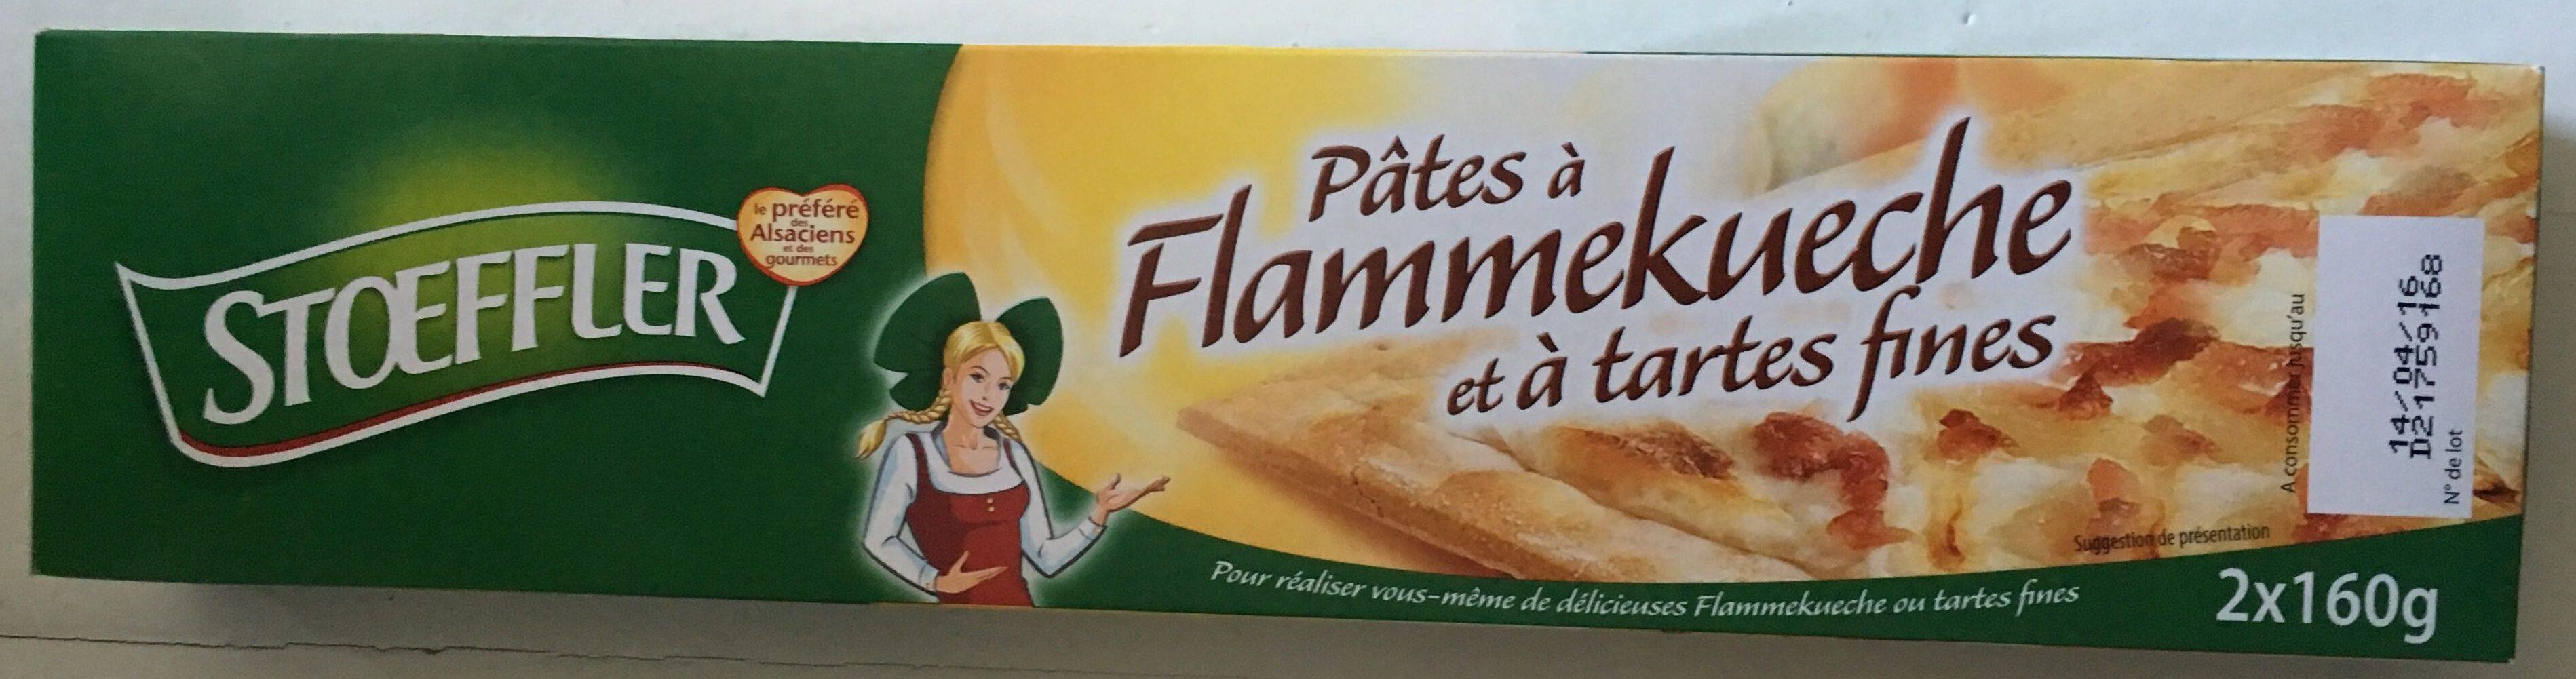 Pâtes à Flammekueche et à tartes fines - Produit - fr